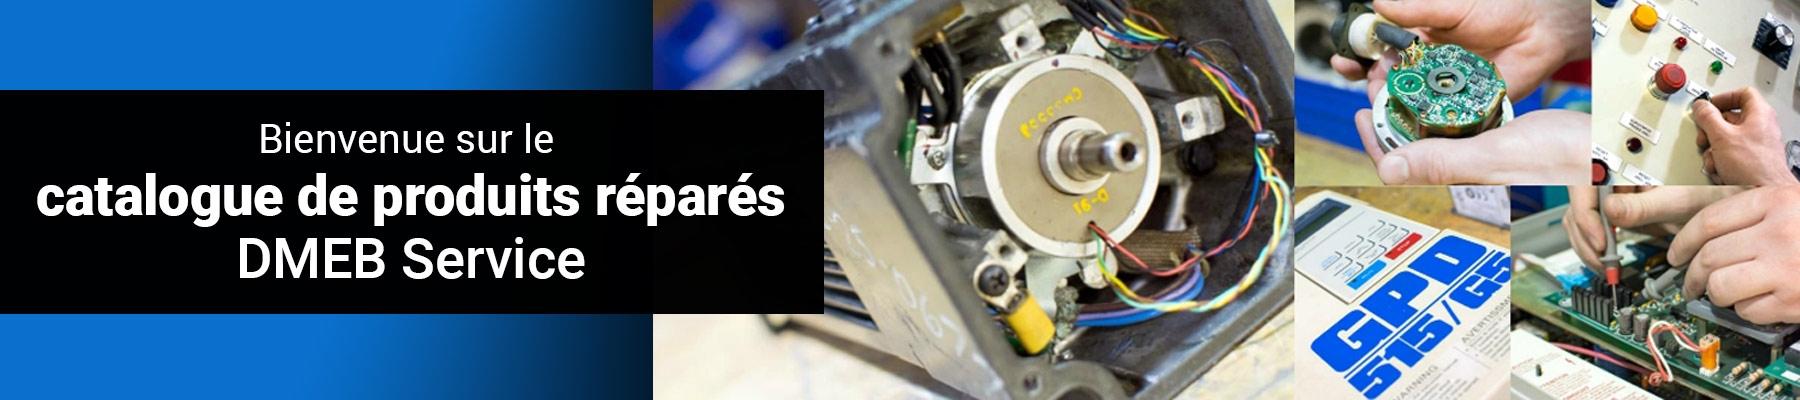 Réparation et maintenance électronique industrielle